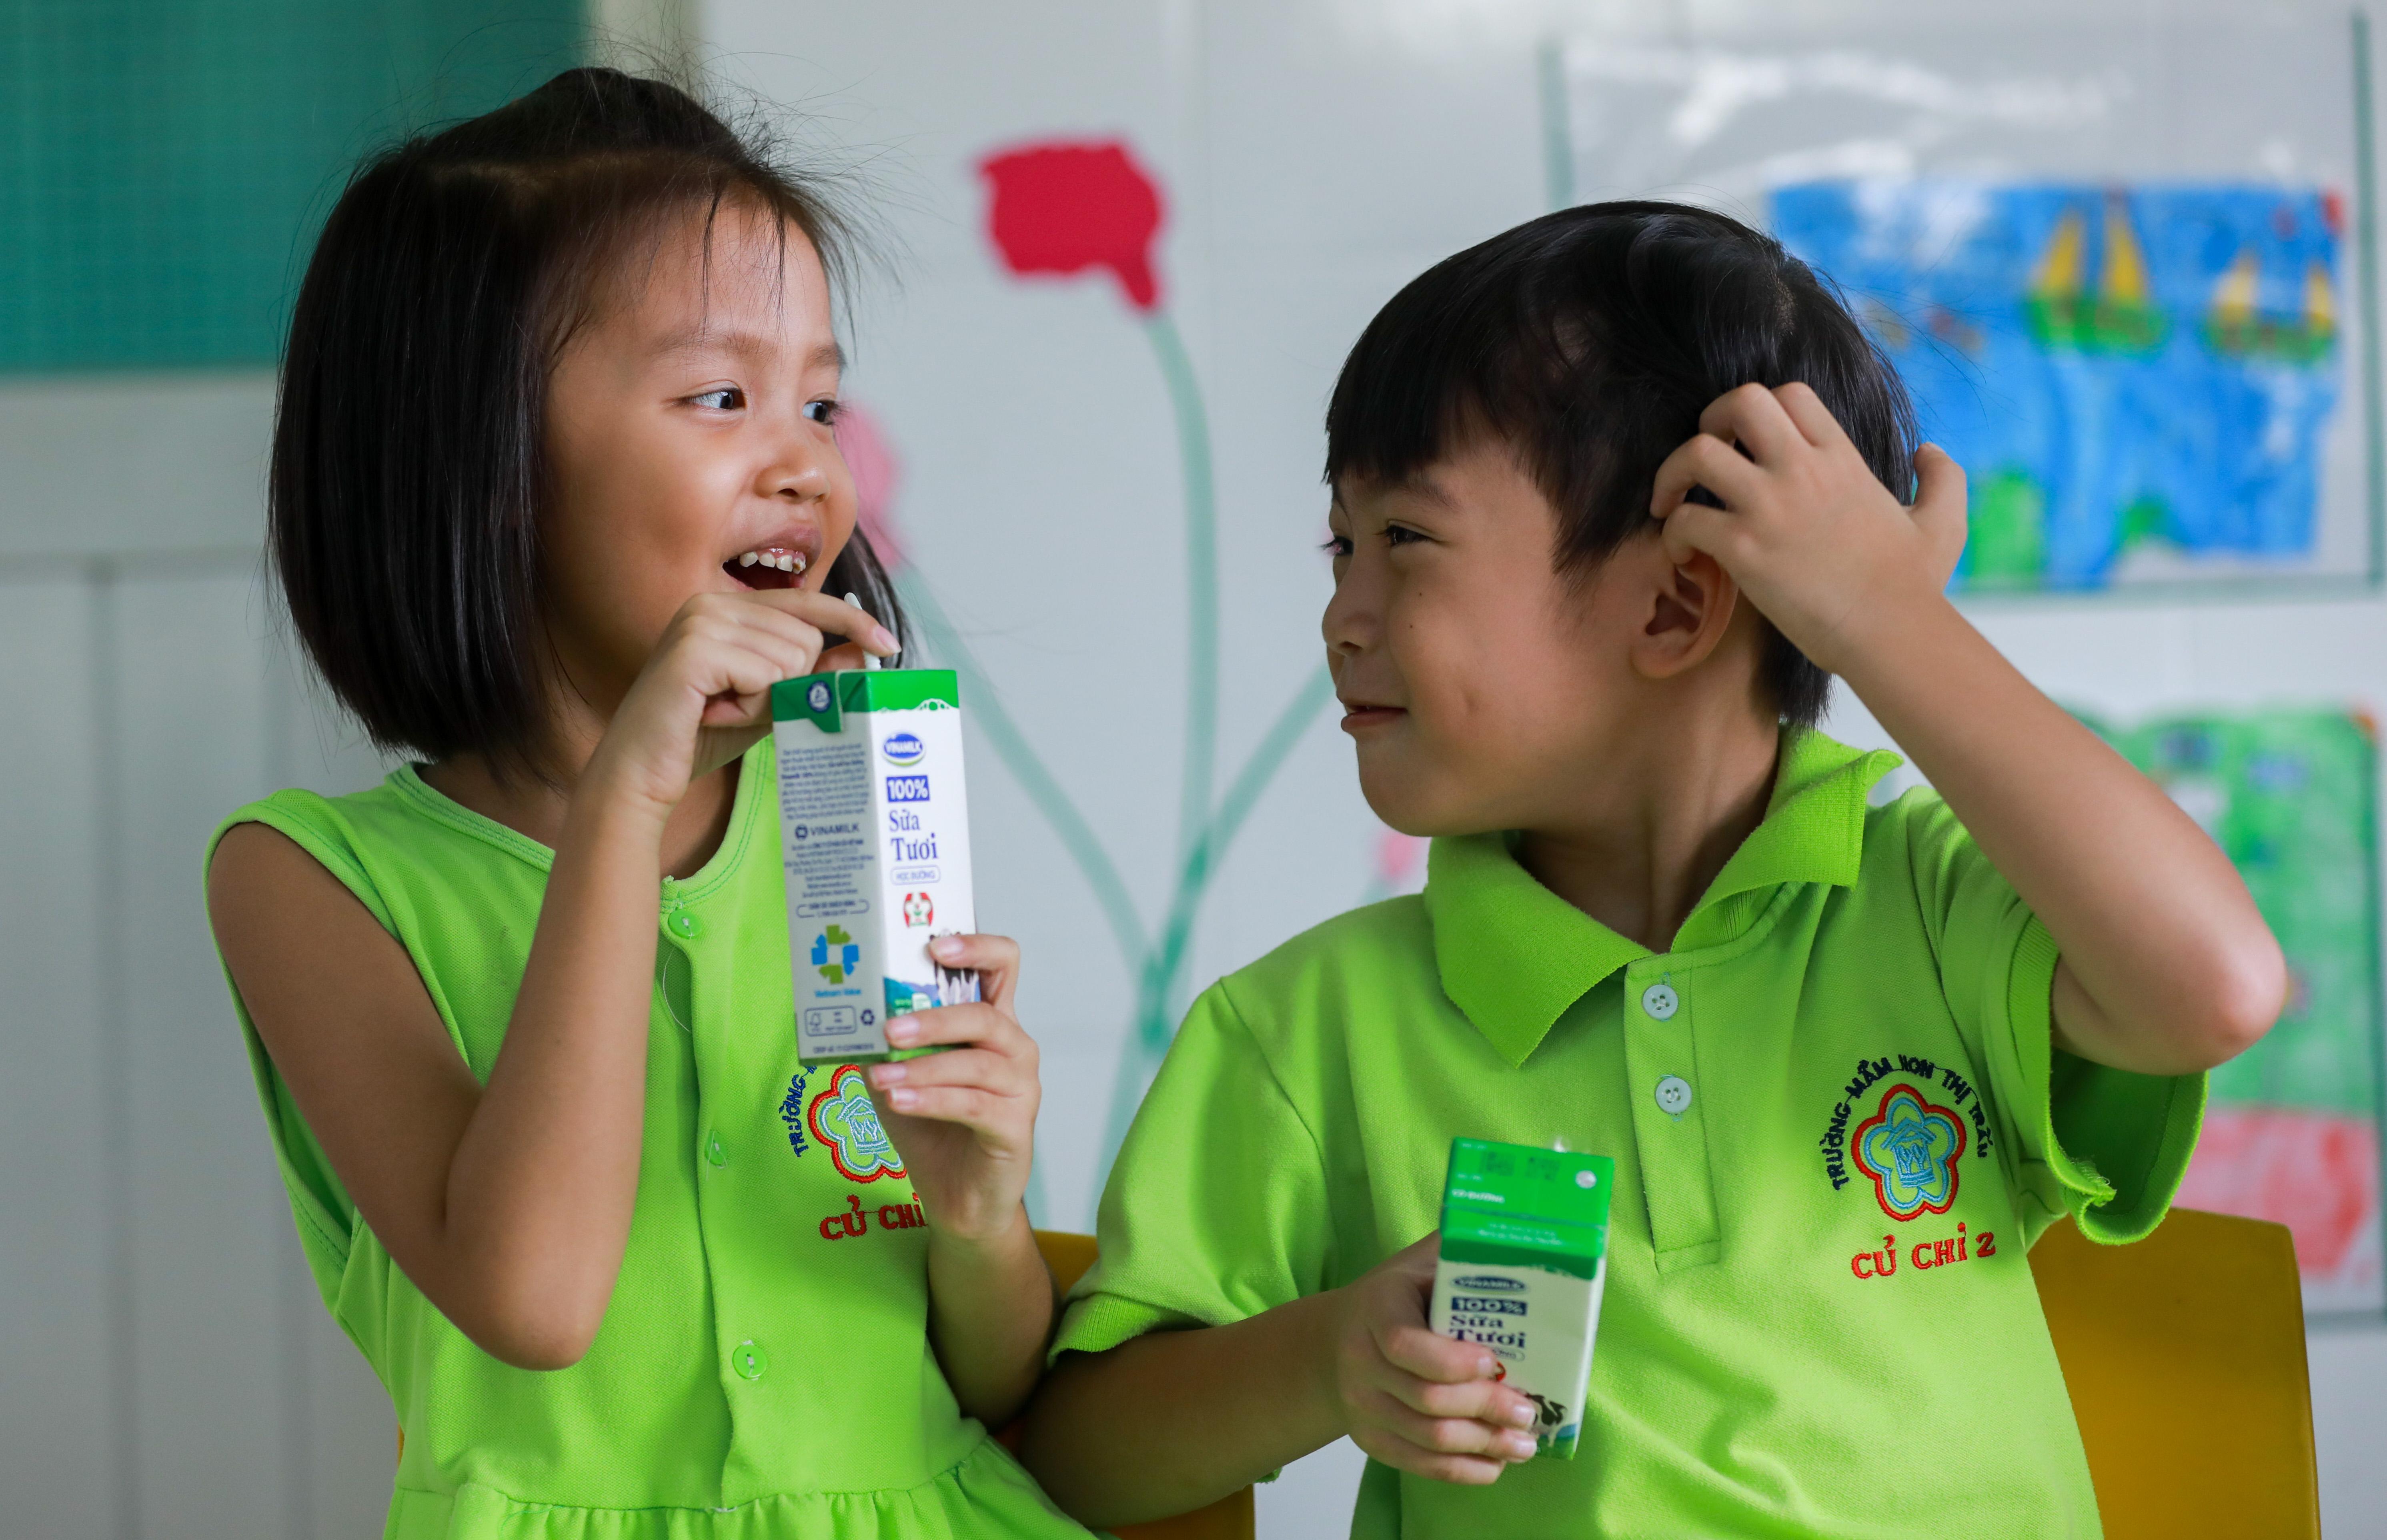 Niềm vui uống sữa học đường an toàn tại TP HCM - Ảnh 3